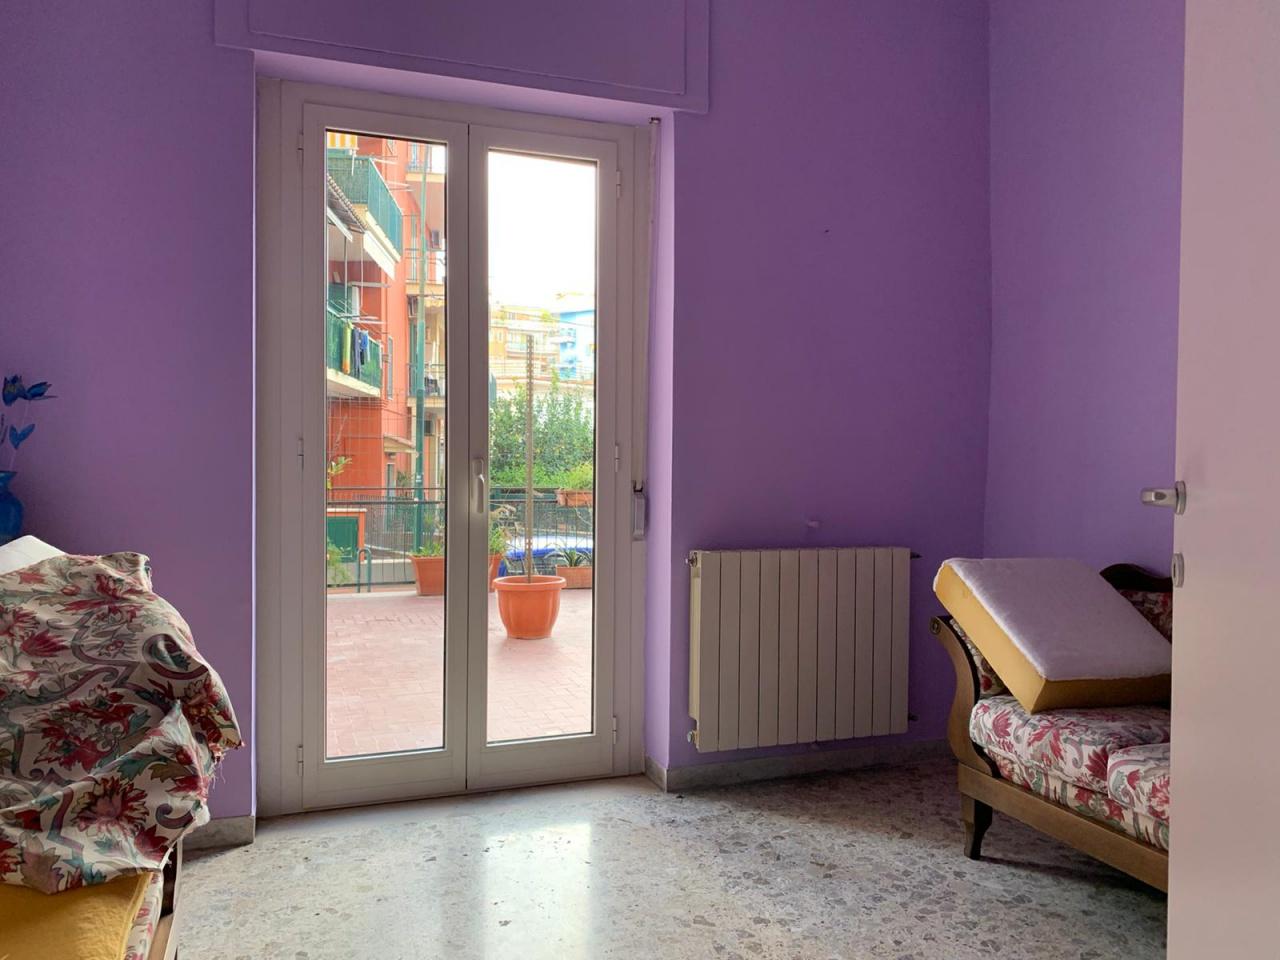 Appartamento in vendita a Marigliano, 3 locali, prezzo € 99.000 | PortaleAgenzieImmobiliari.it